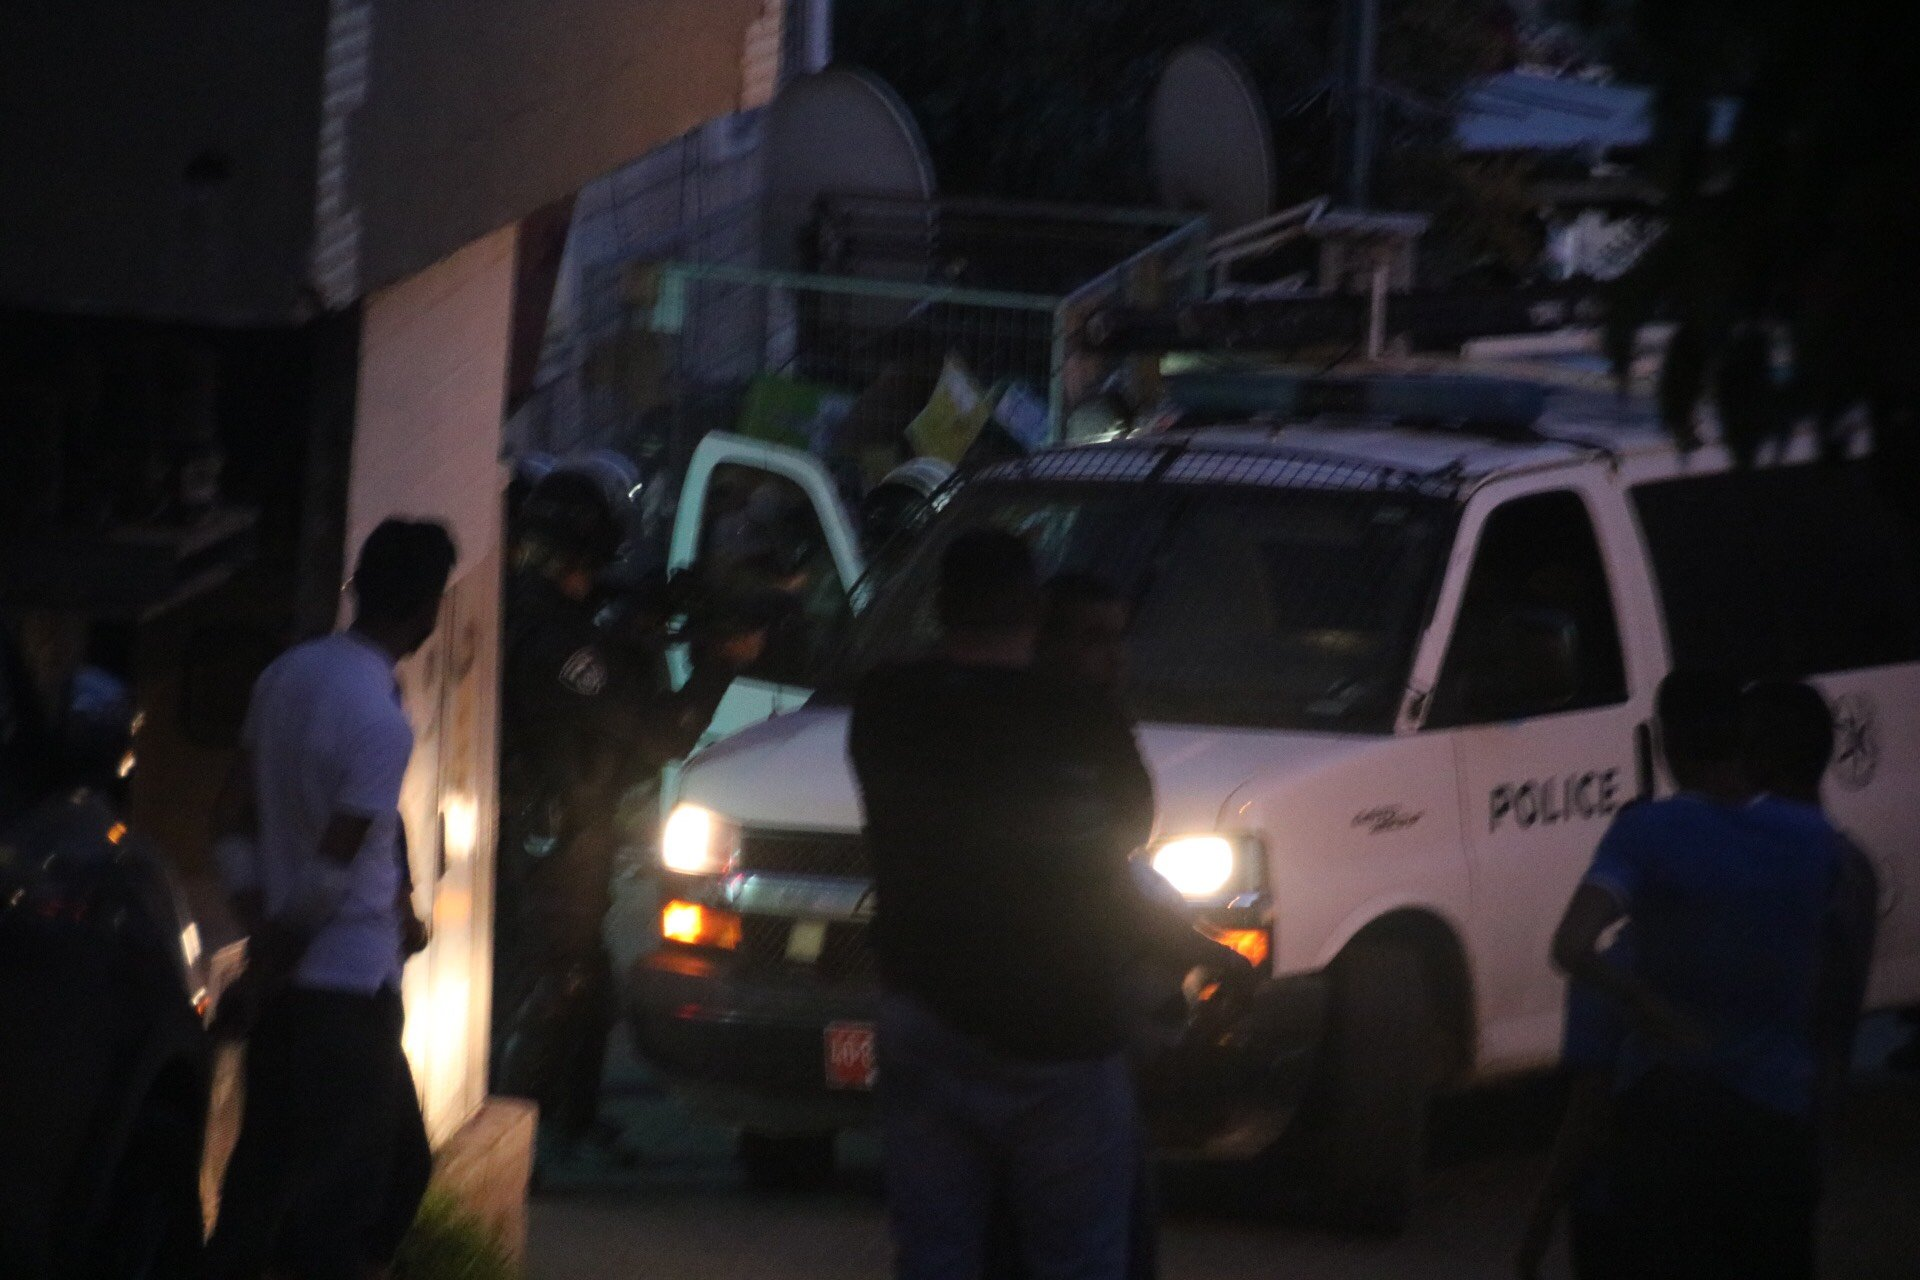 حملة اعتقالات طالت الفحماويين اقارب منفّذي عملية القدس